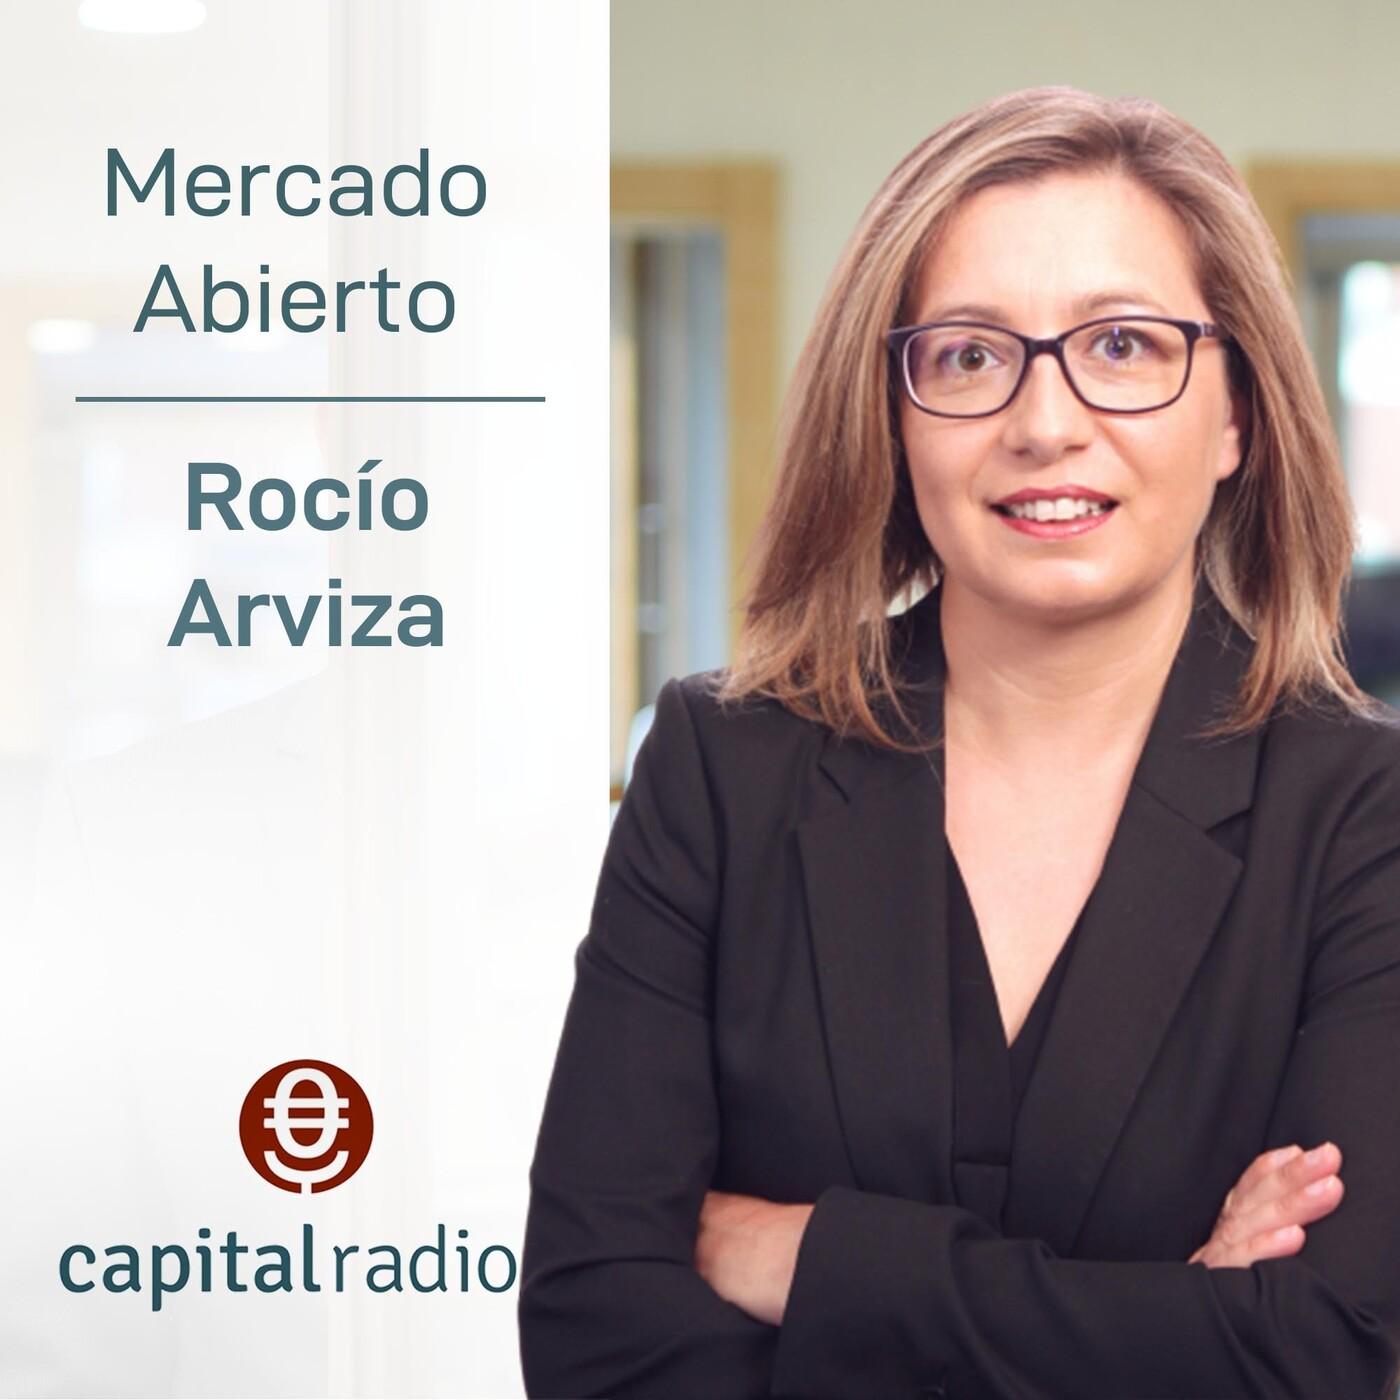 Consultorio de Bolsa (Tramo de 18:00 a 18:30) 17/09/2020